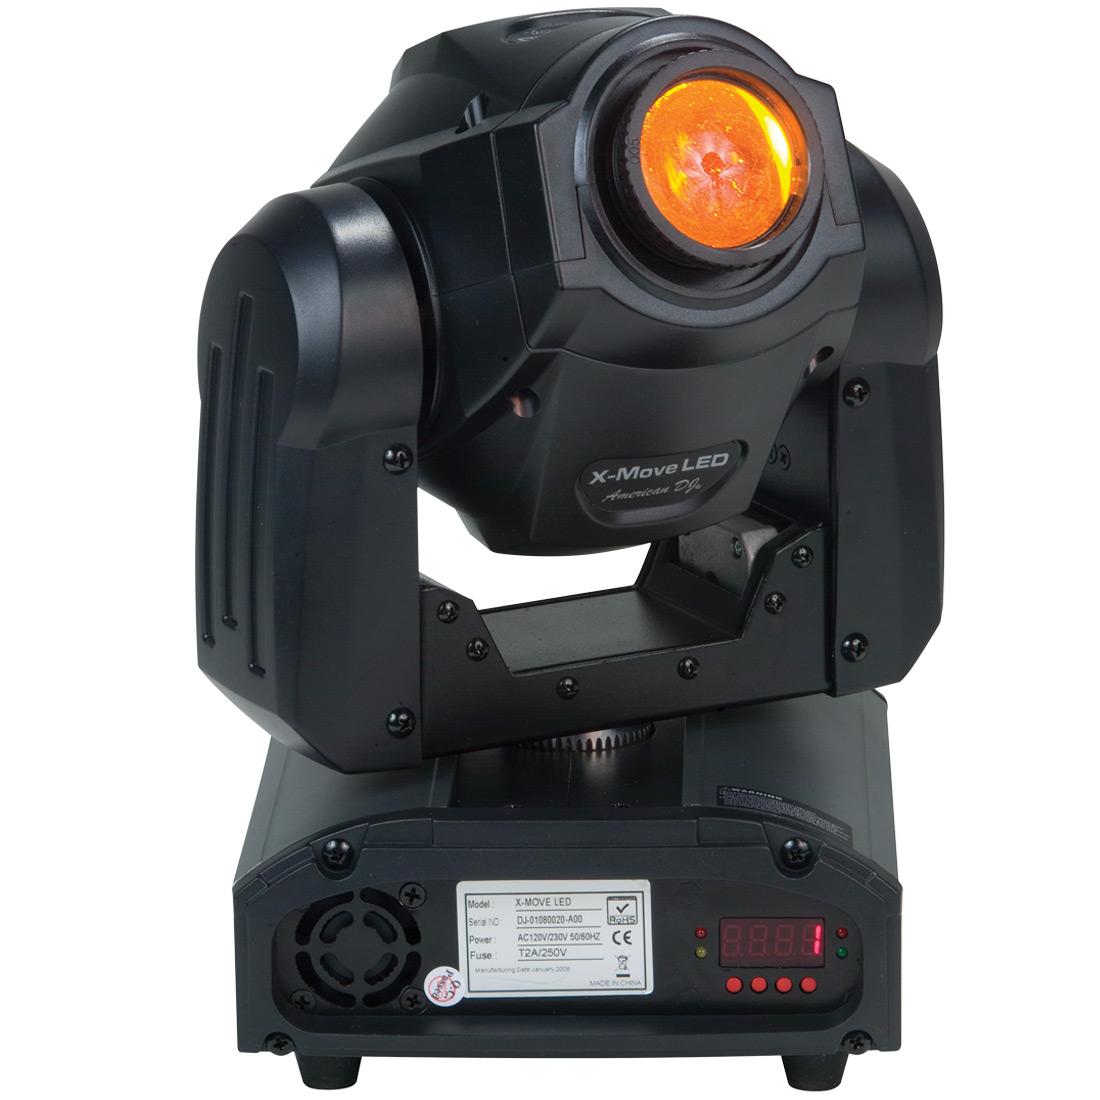 X-Move LED